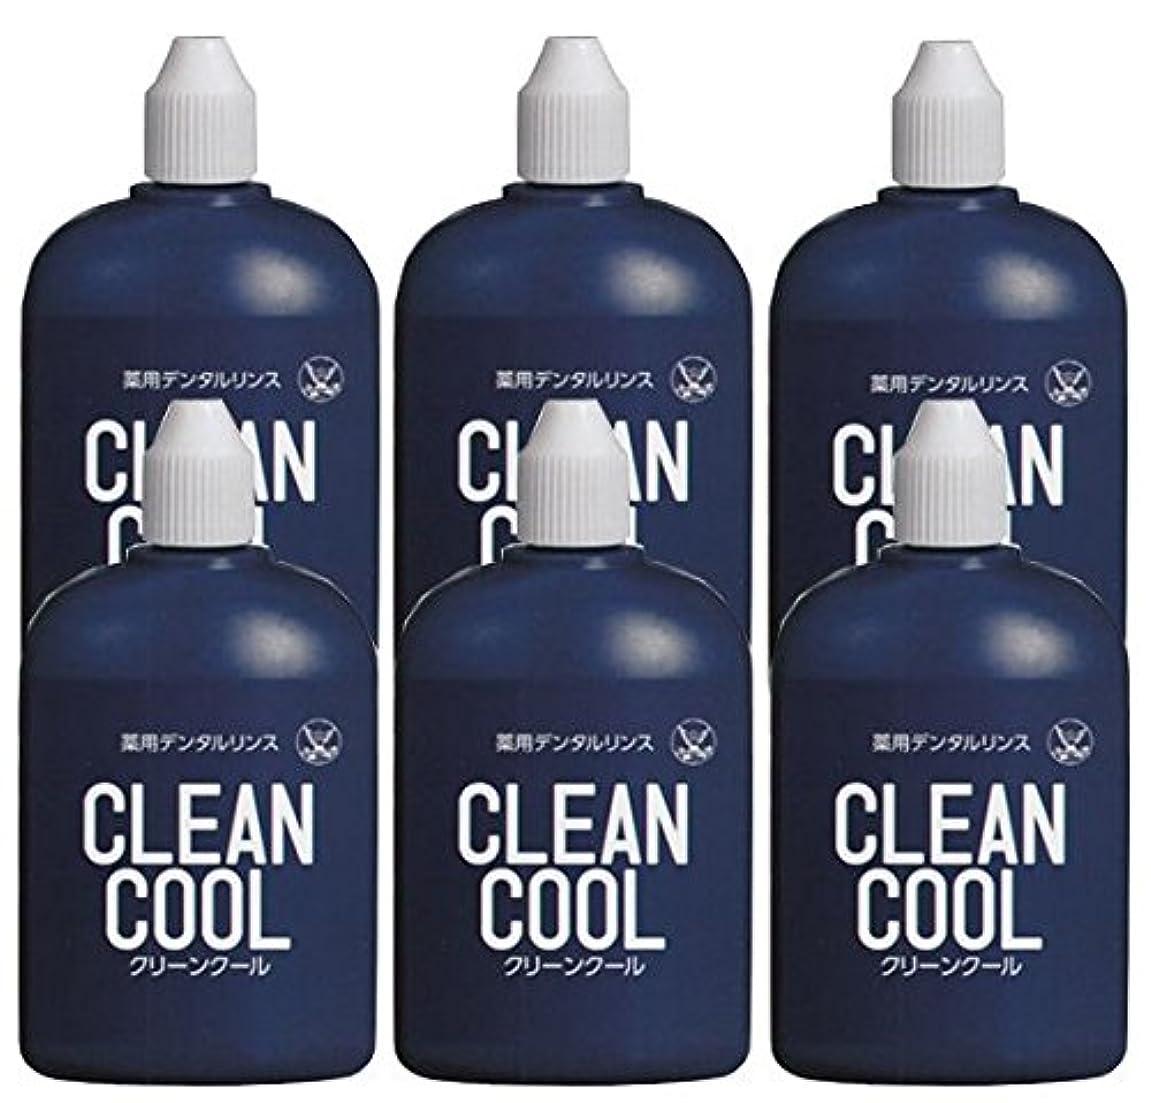 増加する離婚分類薬用デンタルリンス クリーンクール (CLEAN COOL) 洗口液 100ml × 6個